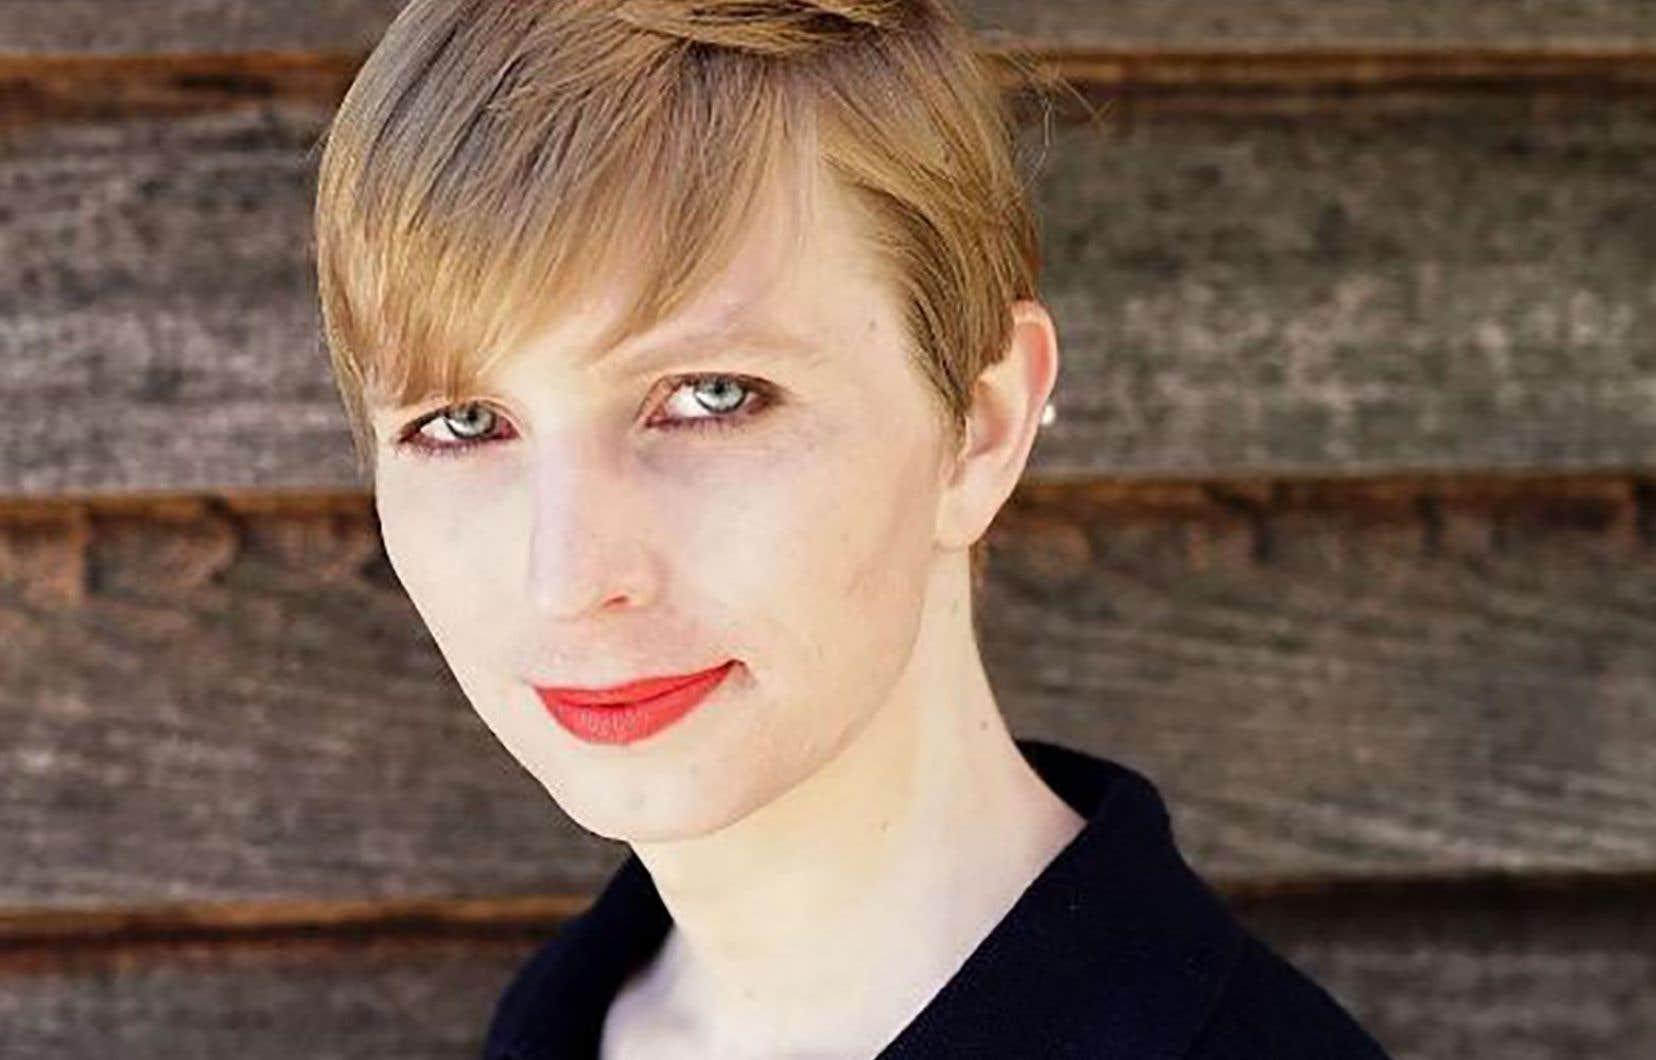 Chelsea Manning a été condamnée en 2013 pour espionnage et autres accusations.